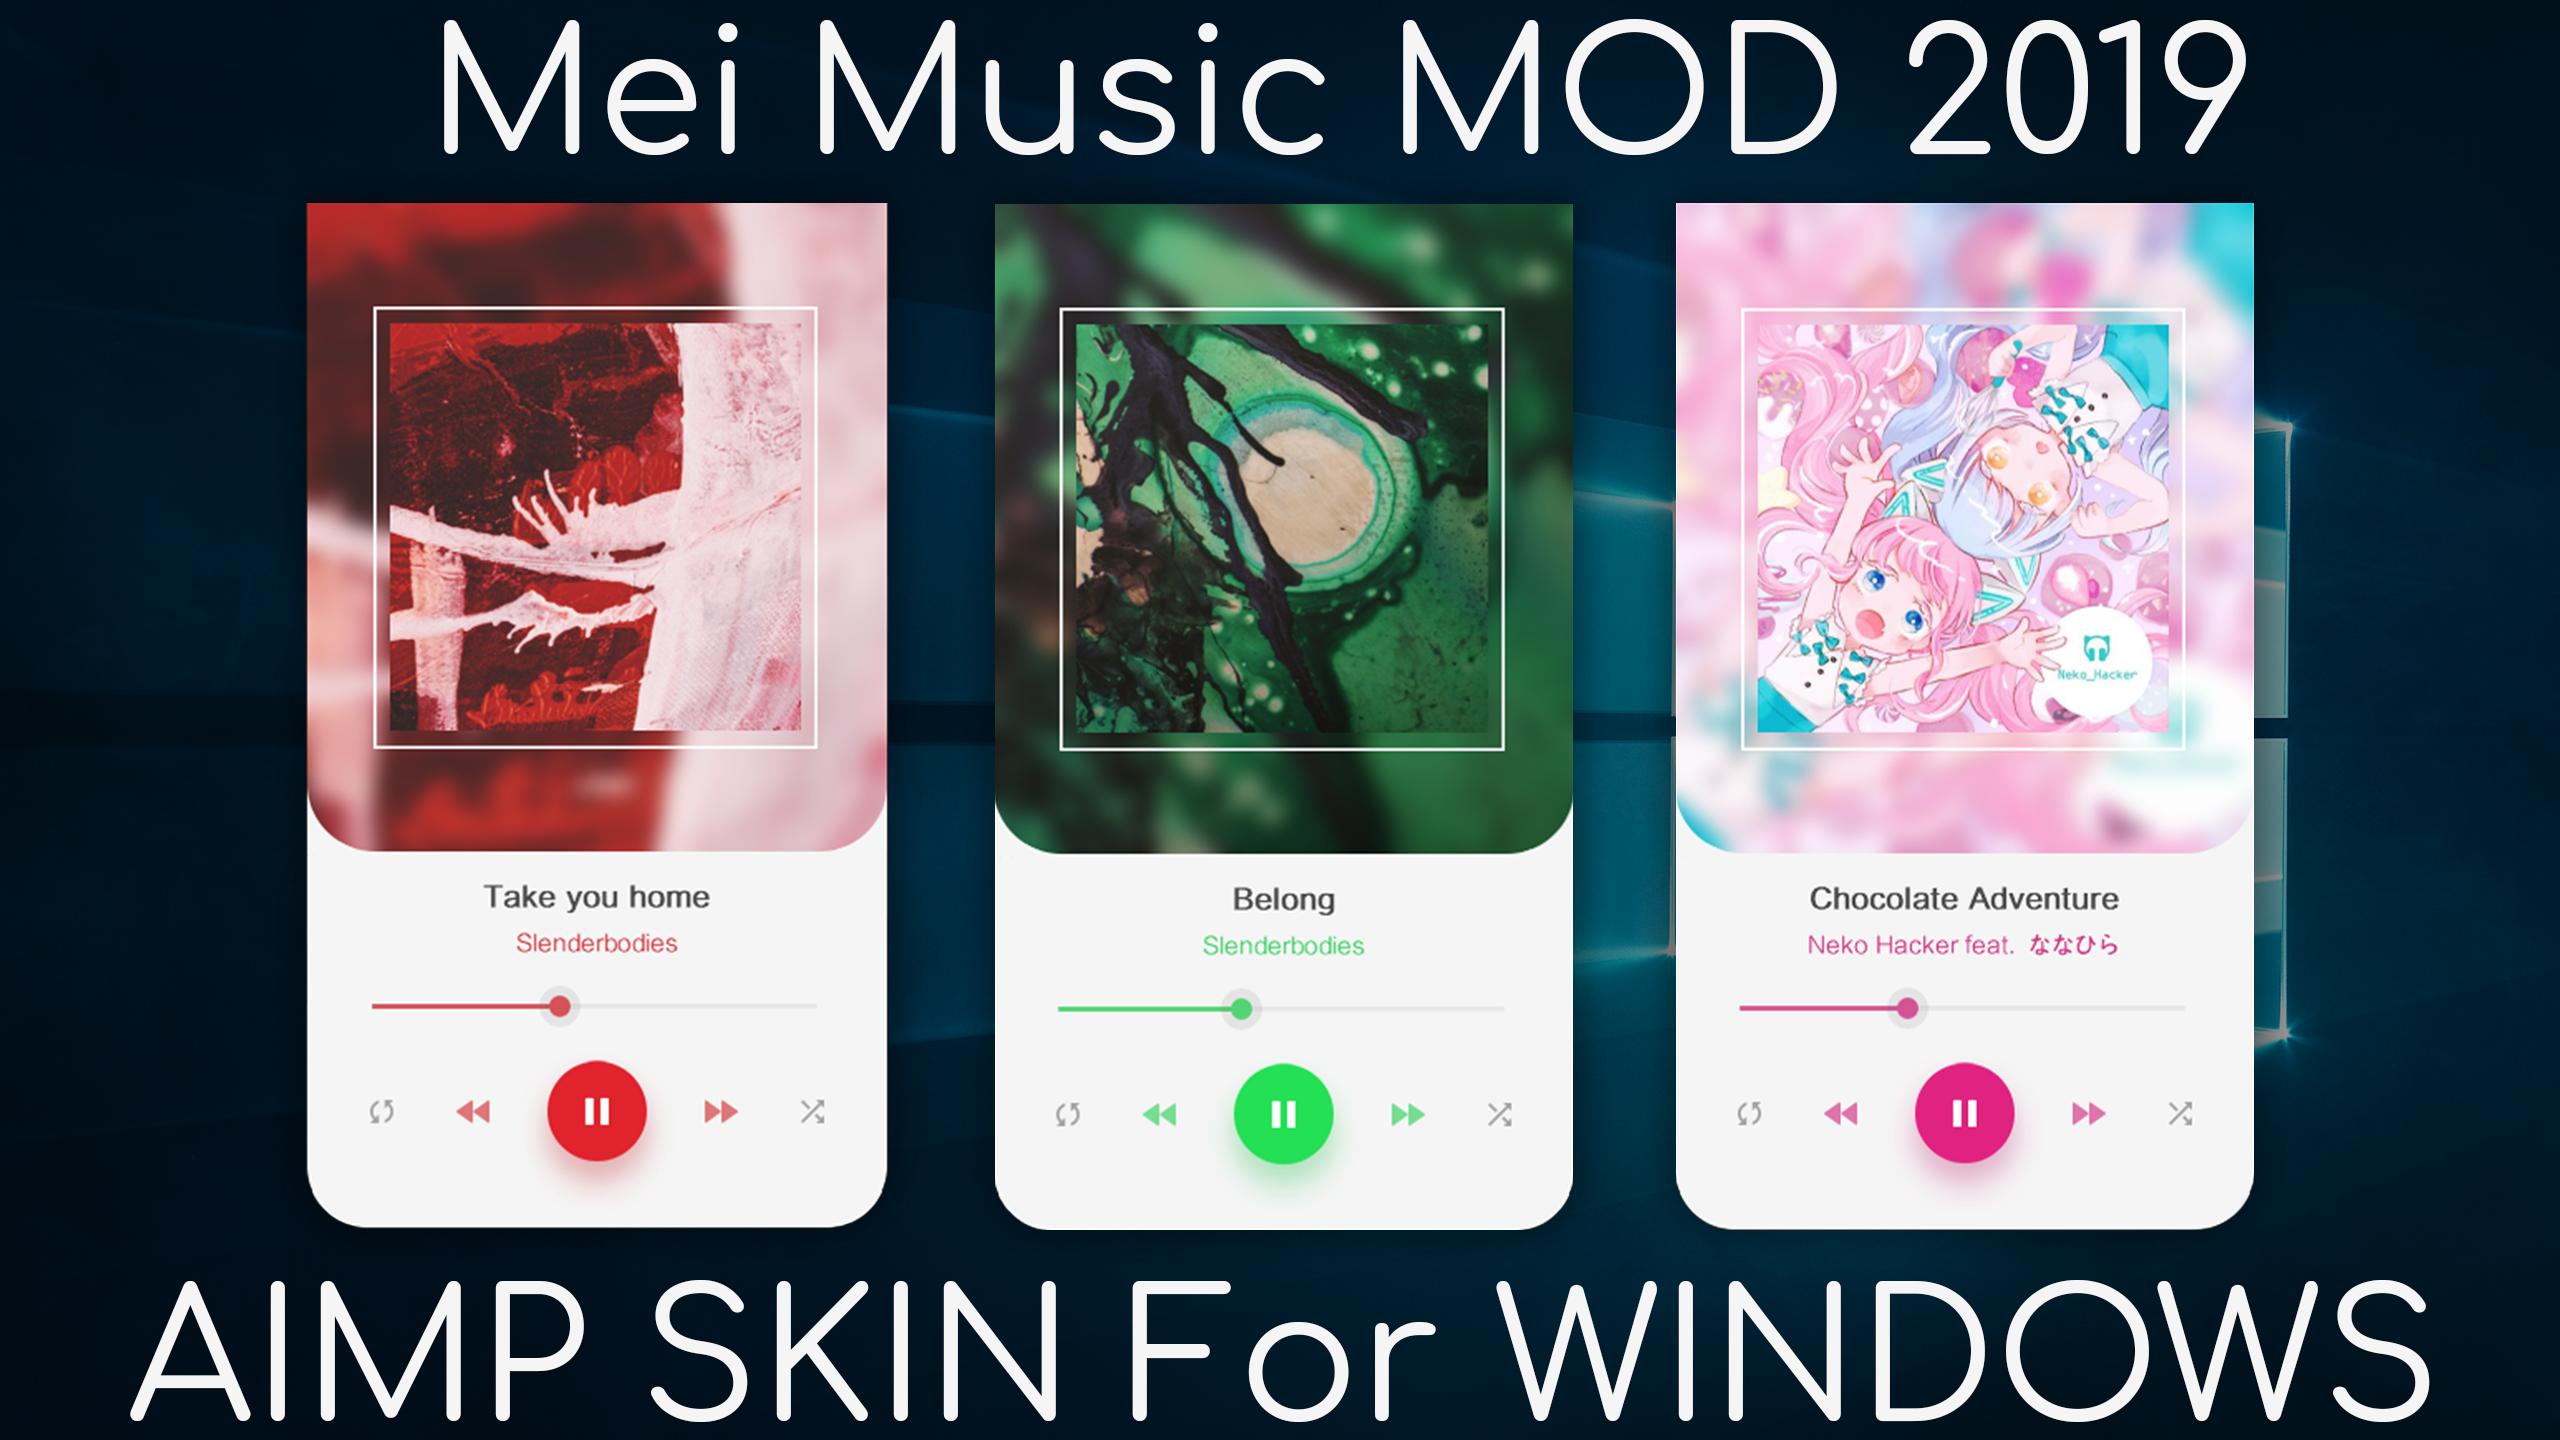 Mei Music Mod 2019 - Aimp 4.50+ Skin - Windows